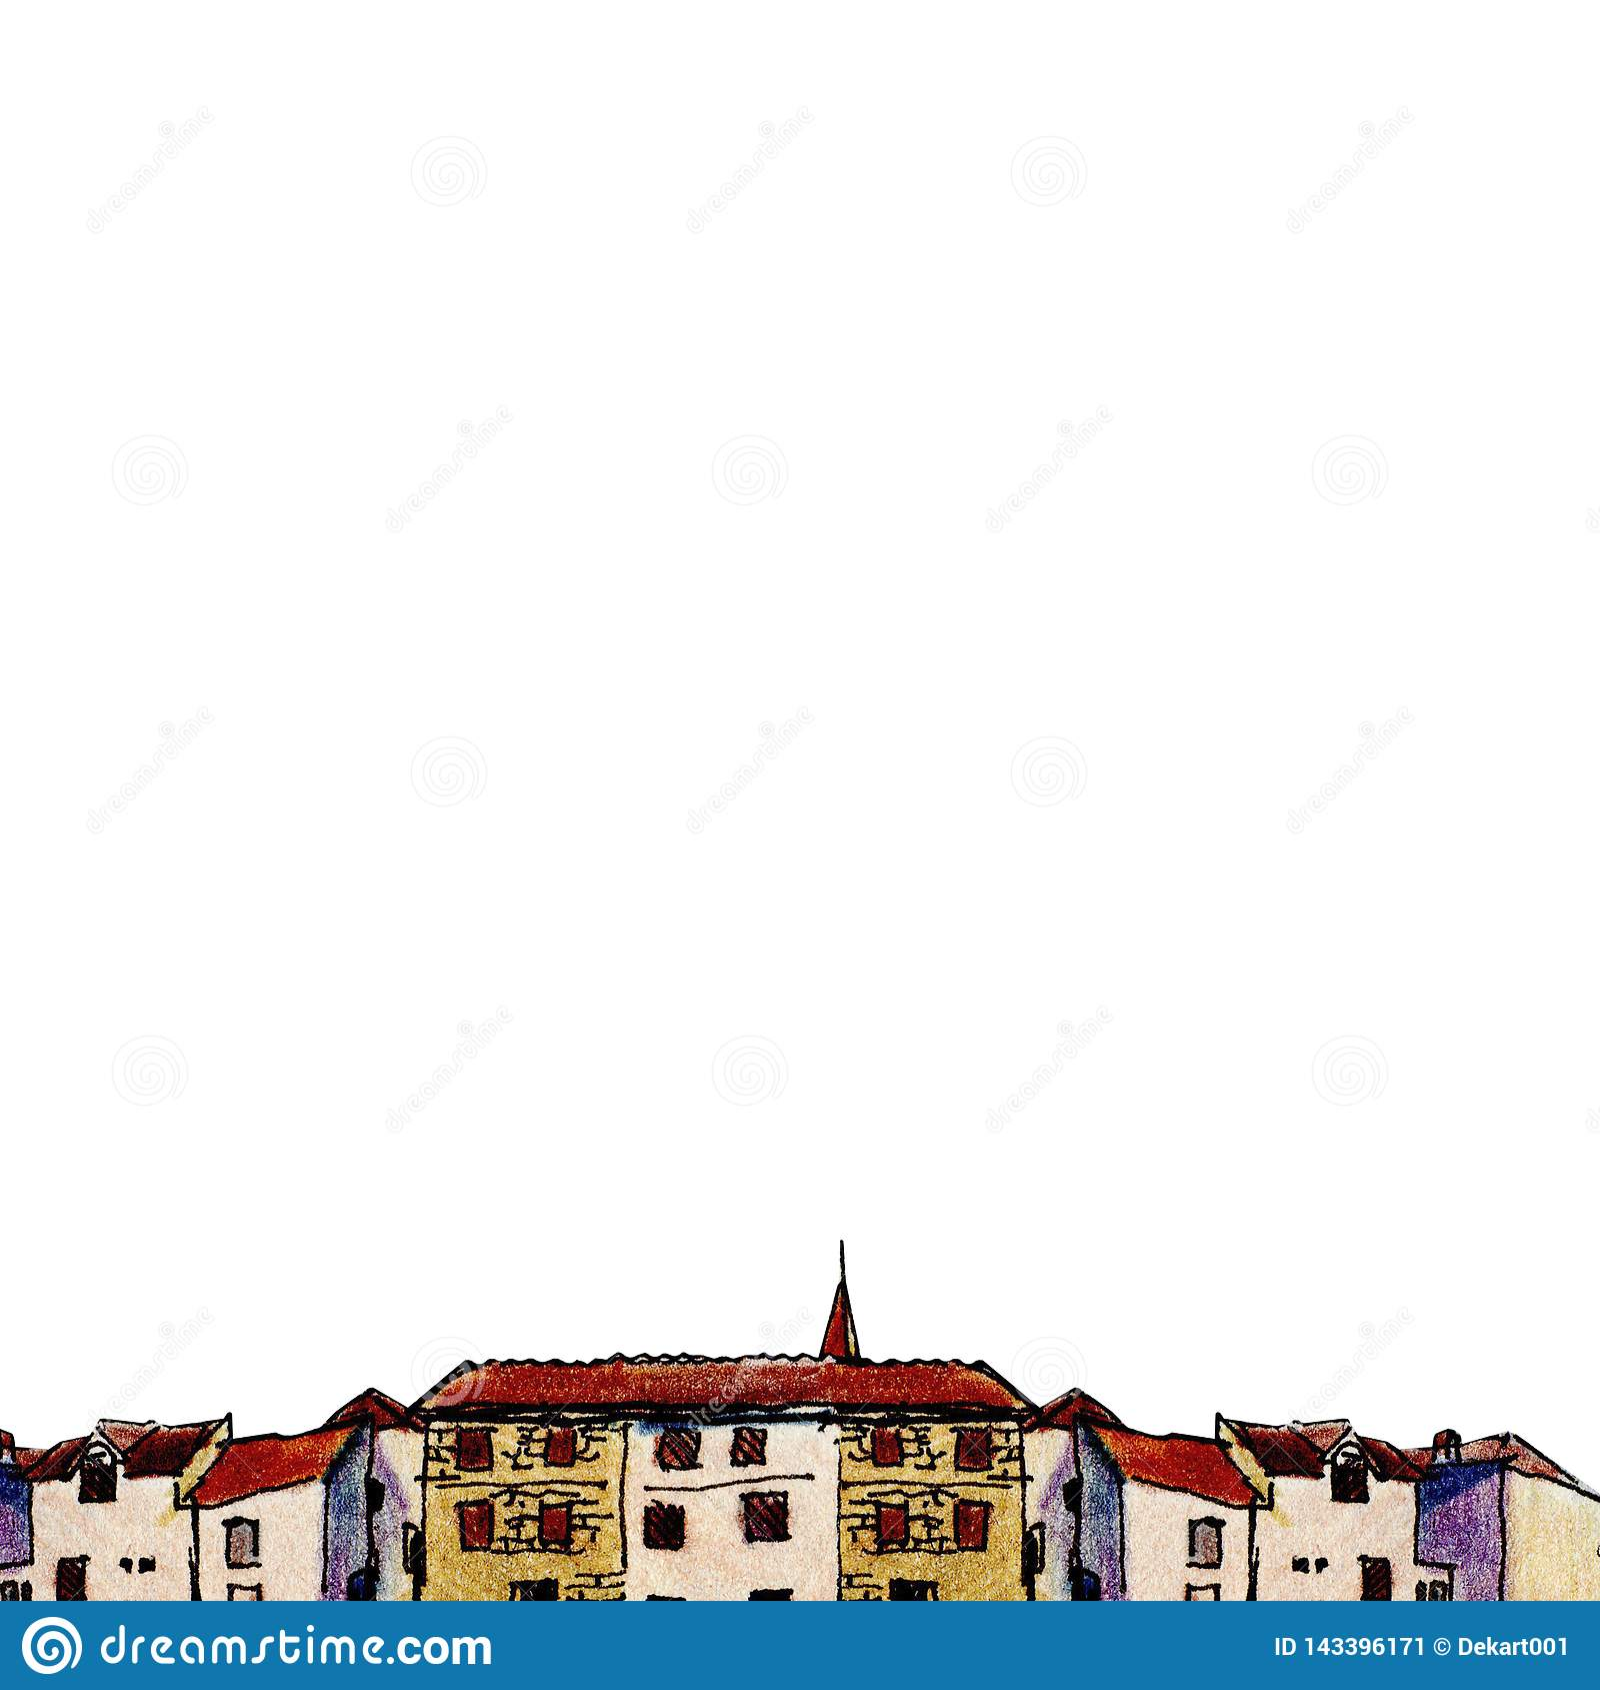 Ciudad vieja en estilo del bosquejo y aislada en el fondo blanco, lápiz colorido